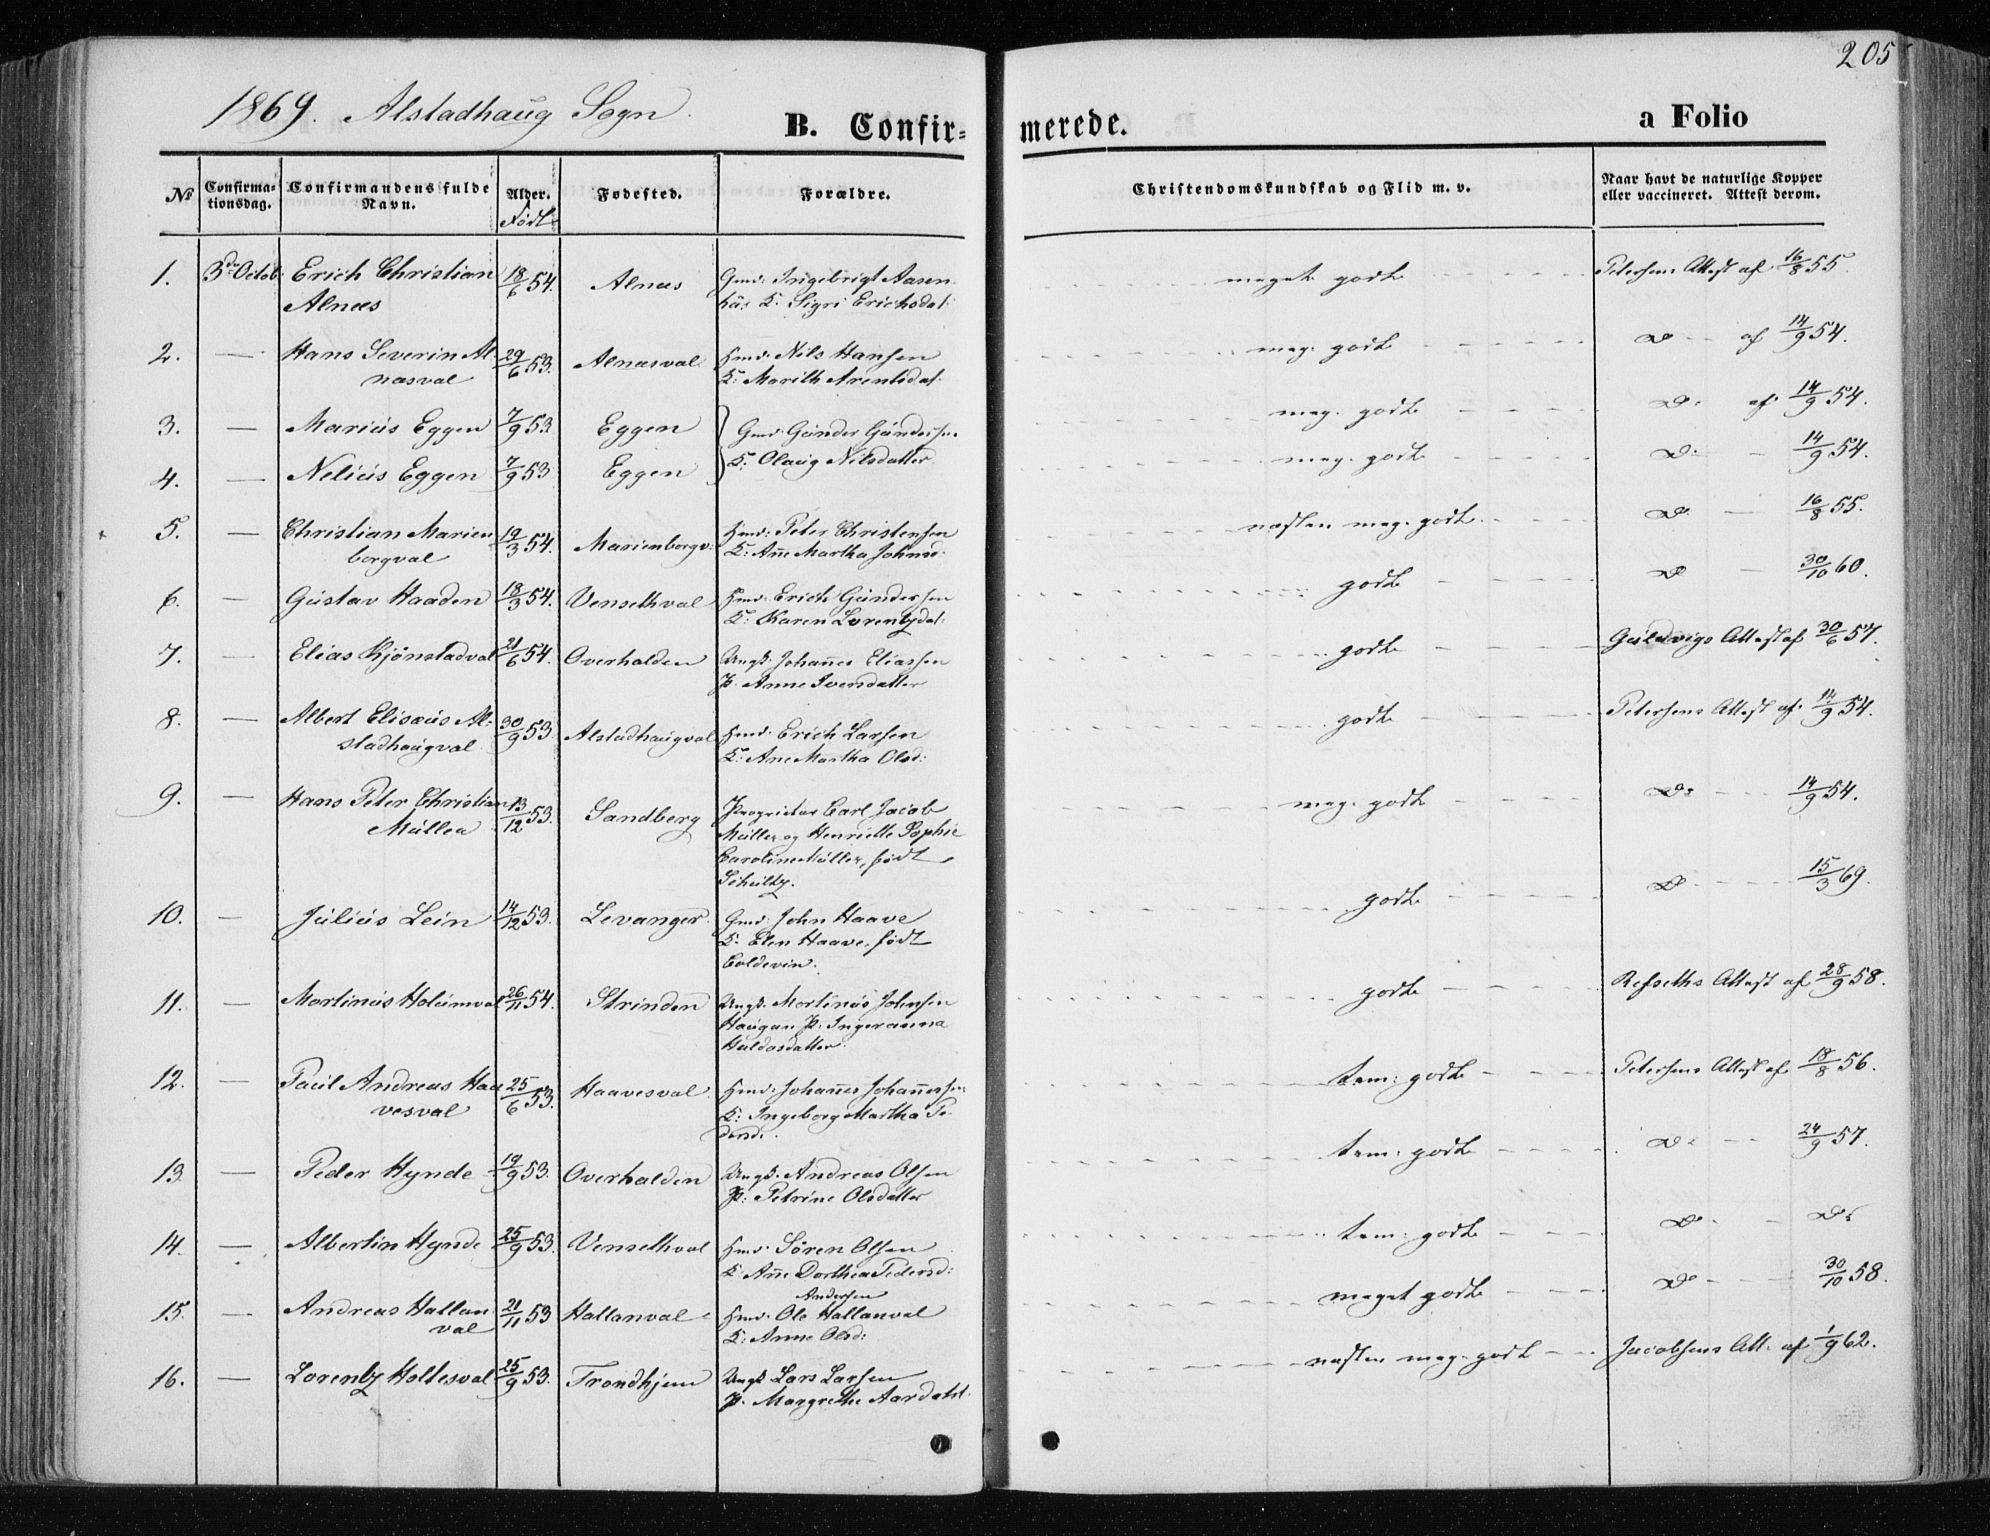 SAT, Ministerialprotokoller, klokkerbøker og fødselsregistre - Nord-Trøndelag, 717/L0157: Ministerialbok nr. 717A08 /1, 1863-1877, s. 205